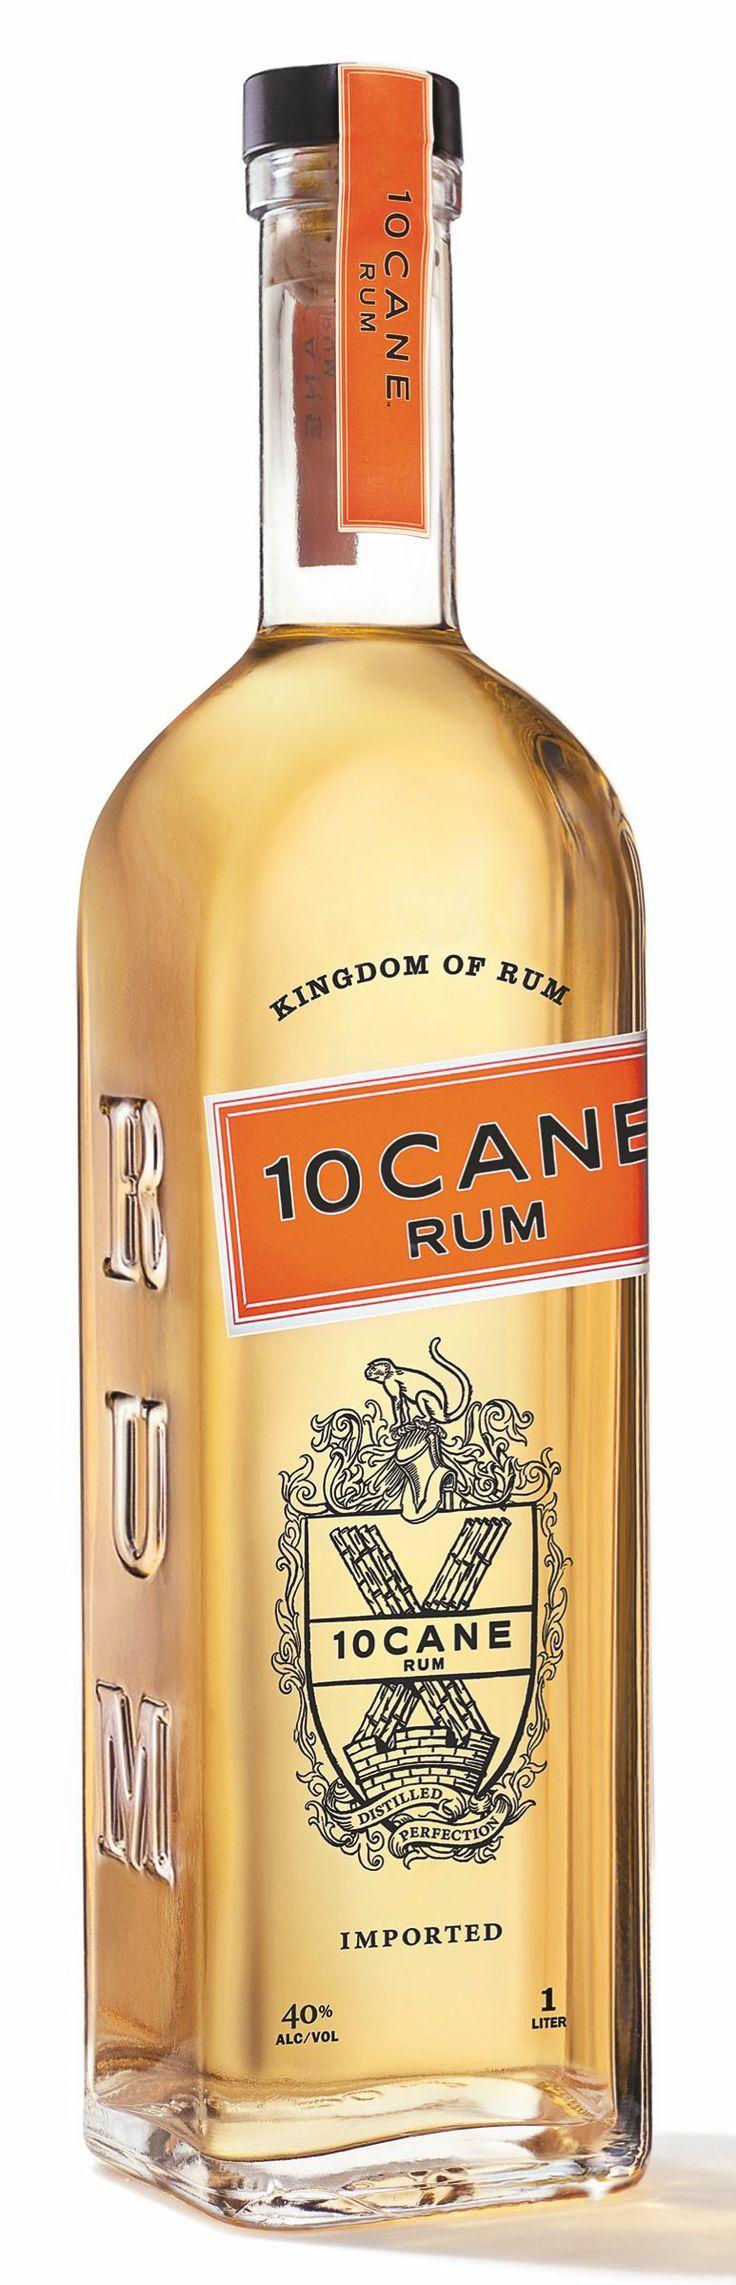 10Cane Rum Country Trinidad and Tobago Distiller